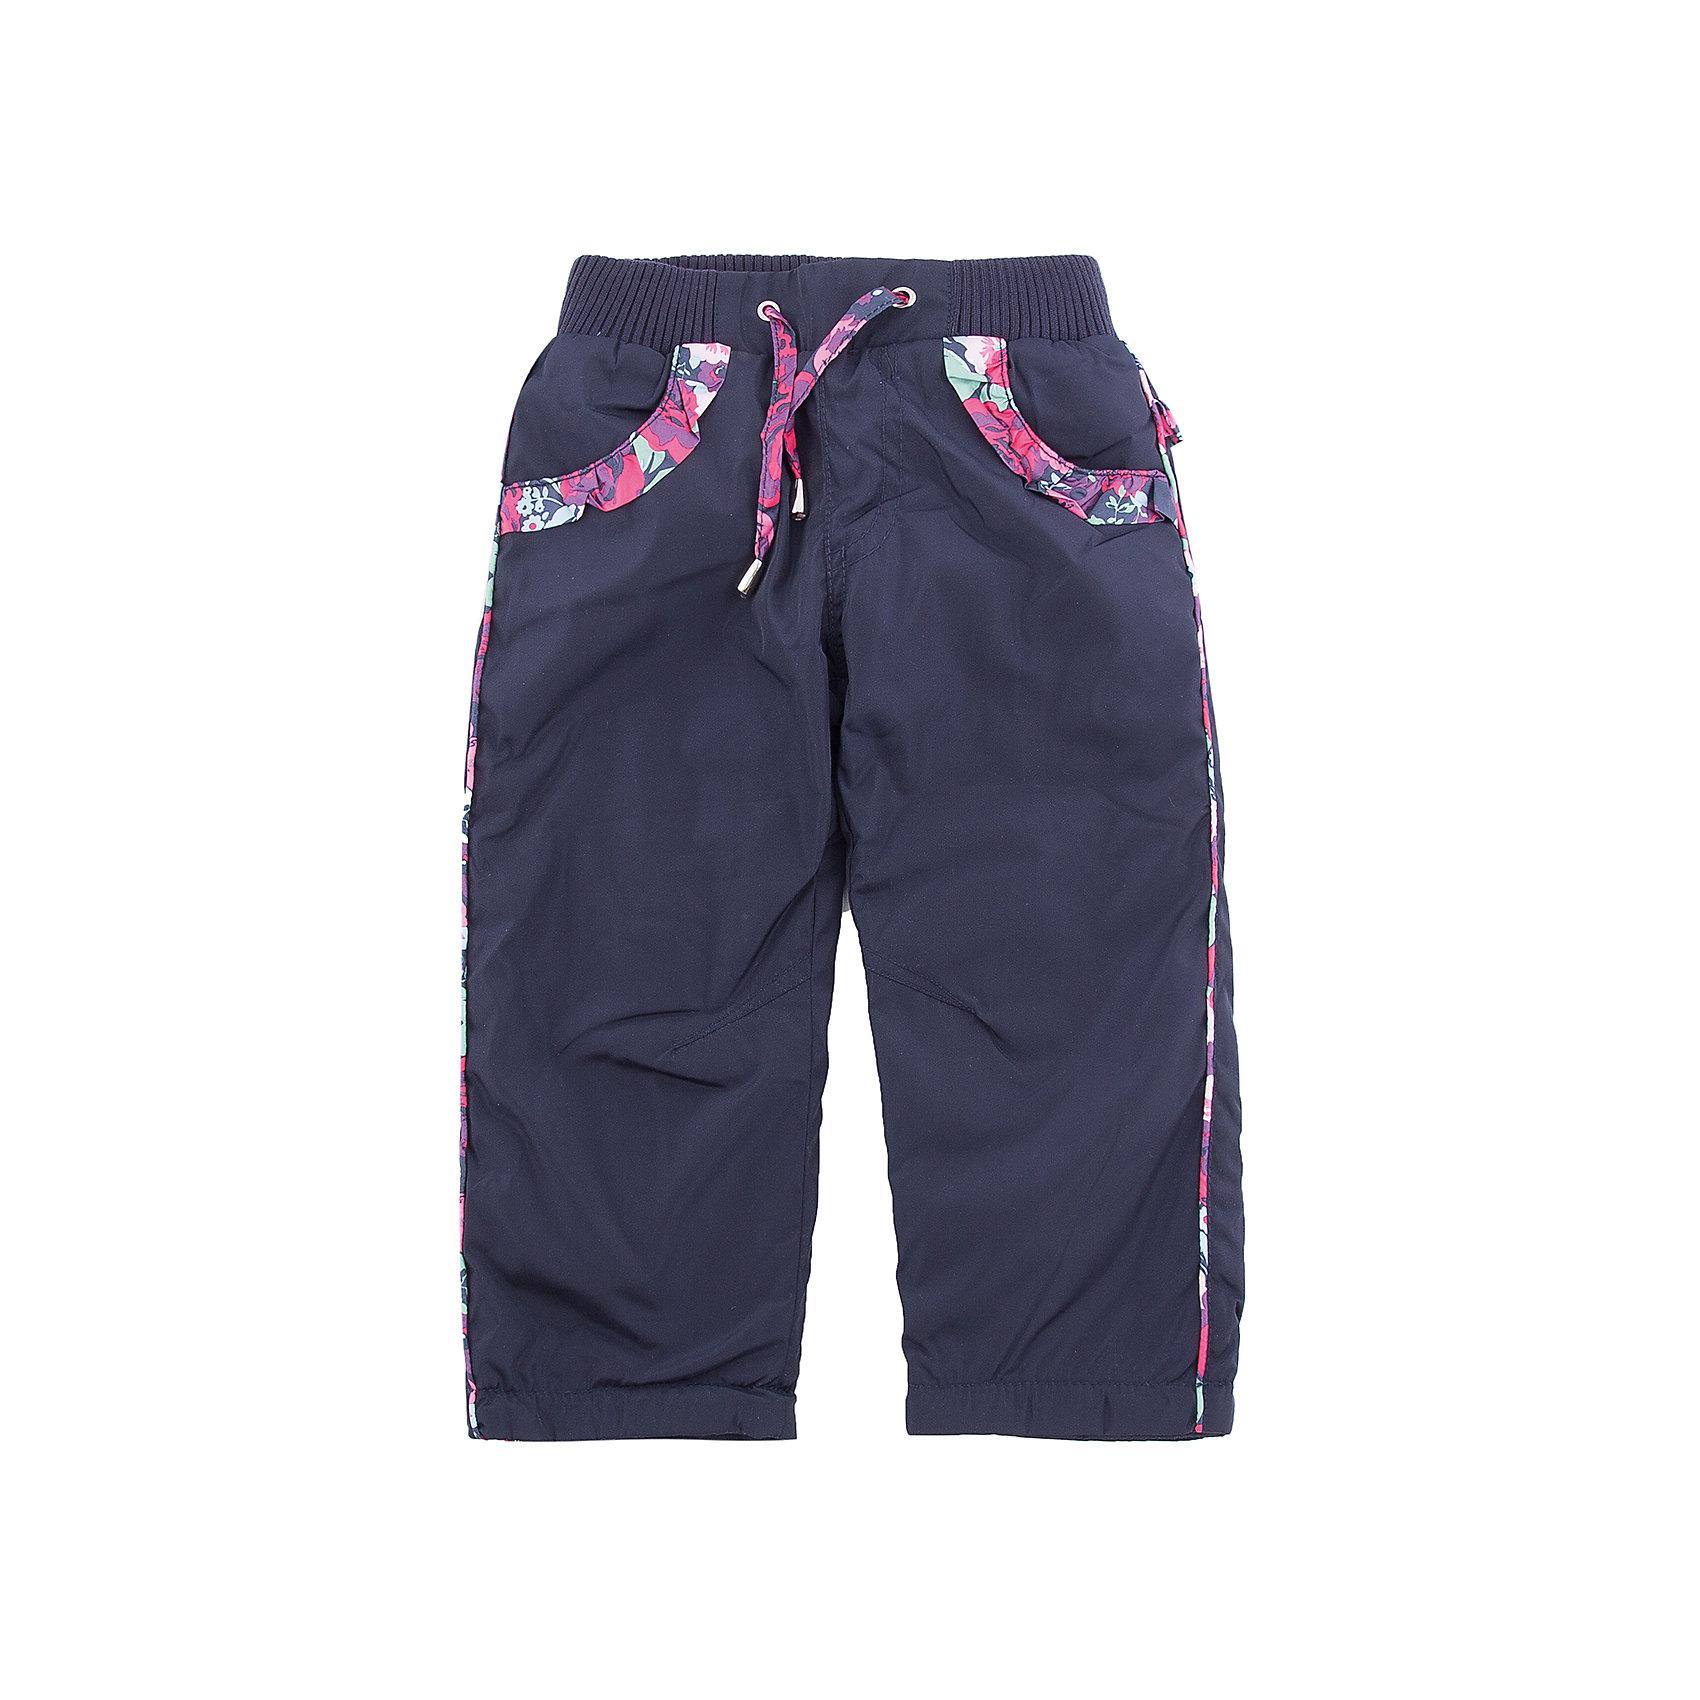 Брюки Sweet Berry для девочкиВерхняя одежда<br>Брюки Sweet Berry для девочки<br>Утепленные текстильные брюки для девочки на меховая подкладке, декорированные контрастными рюшами.  Мягкий, эластичный пояс со шнуром для регулирования объема по талии. Низ брючин регулируется эластичными утяжками.<br>Состав:<br>Верх: 100% полиэстер Подкладка: 100% полиэстер Наполнитель 100% полиэстер<br><br>Ширина мм: 215<br>Глубина мм: 88<br>Высота мм: 191<br>Вес г: 336<br>Цвет: синий<br>Возраст от месяцев: 24<br>Возраст до месяцев: 36<br>Пол: Женский<br>Возраст: Детский<br>Размер: 98,80,86,92<br>SKU: 7095644